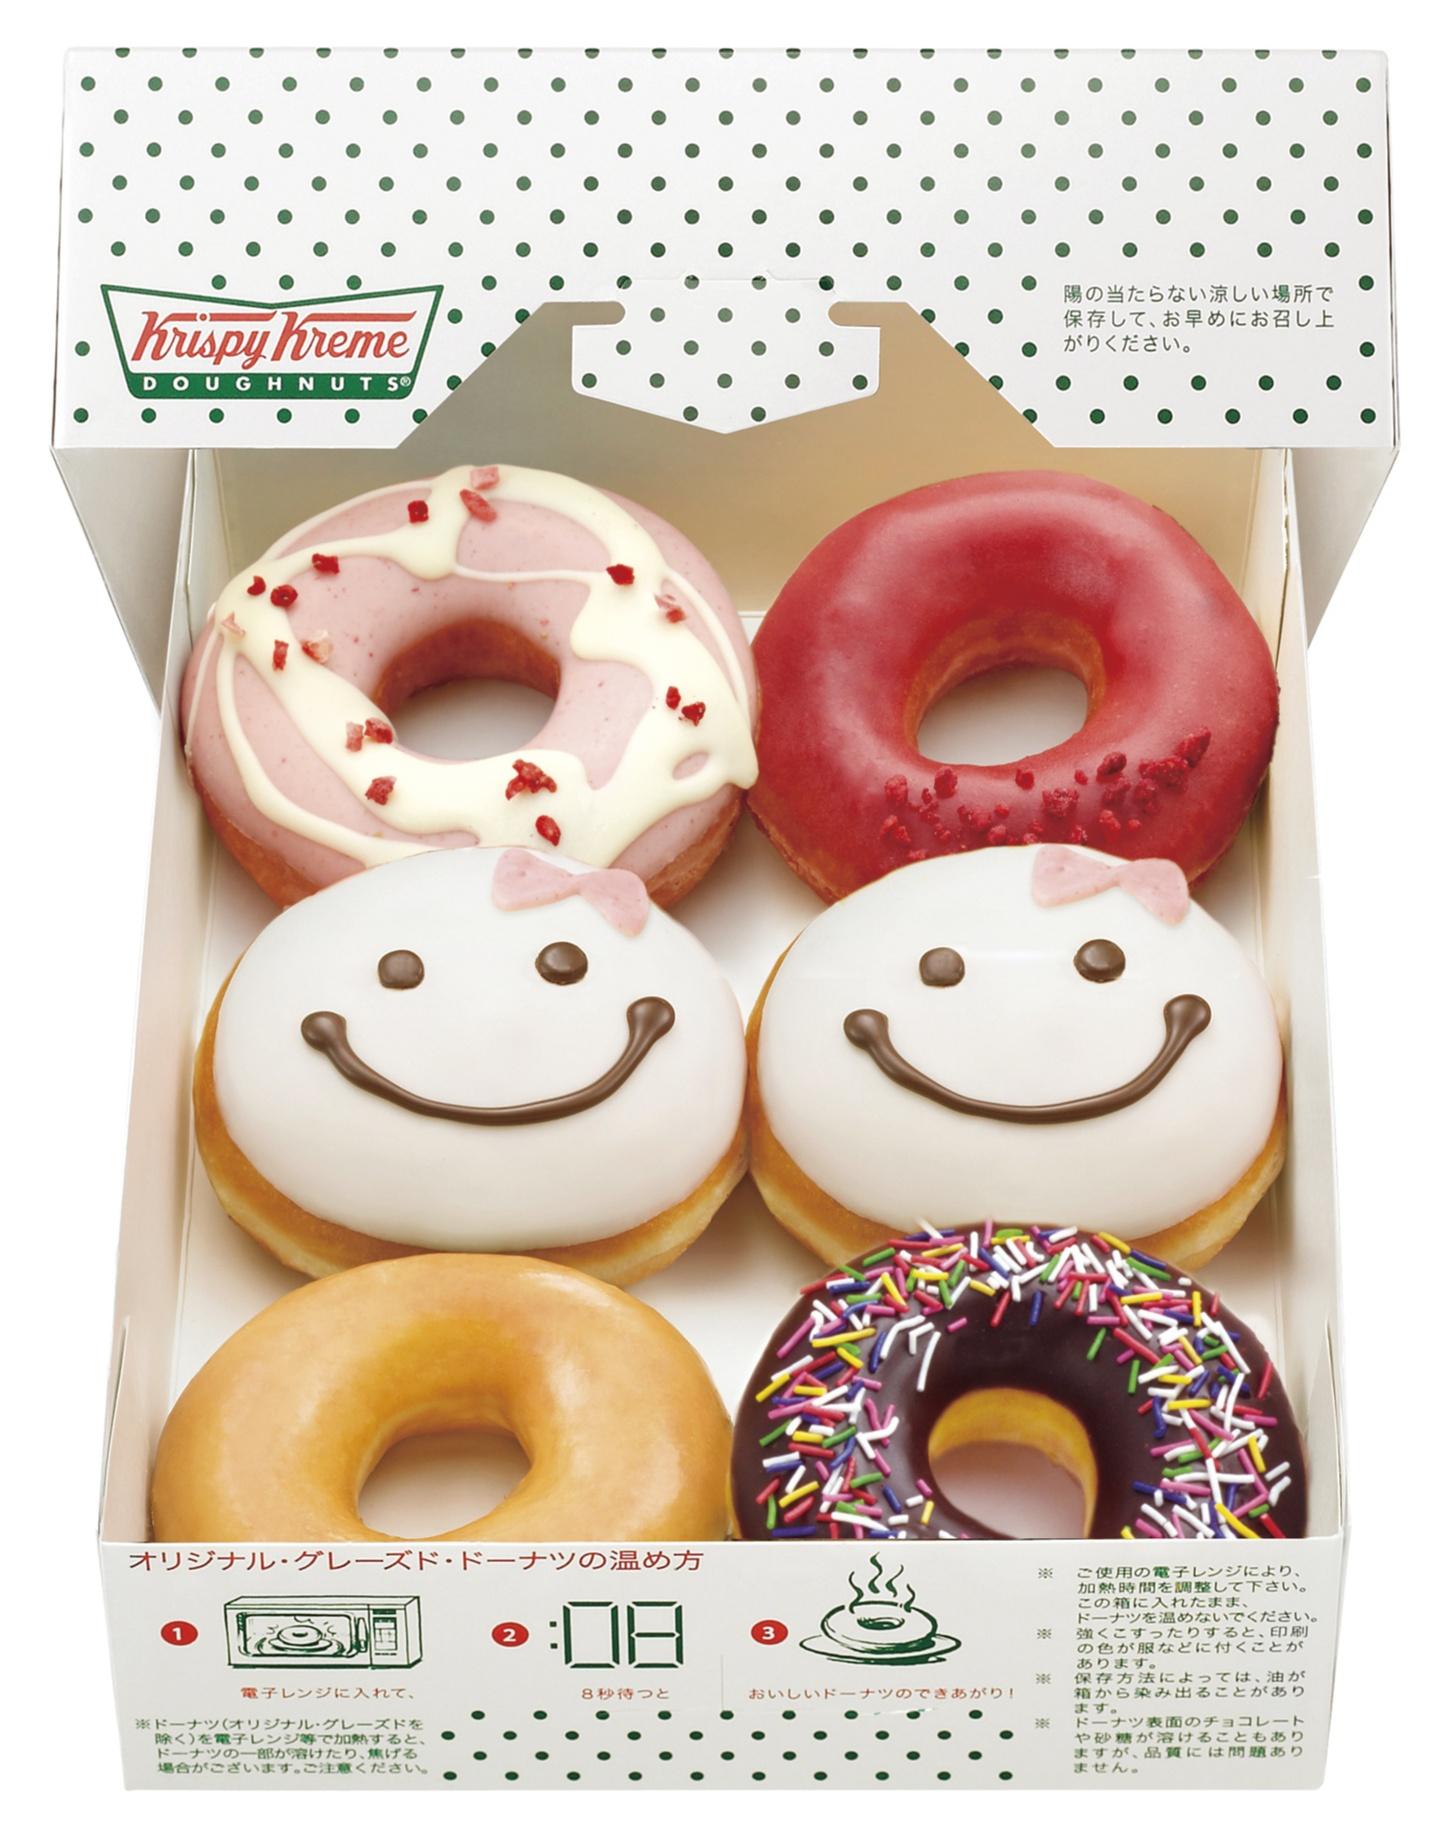 お母さんへの感謝はドーナツに込めて♡ 『クリスピー・クリーム・ドーナツ』で1週間限定の「ママ ボックス」発売中!_1